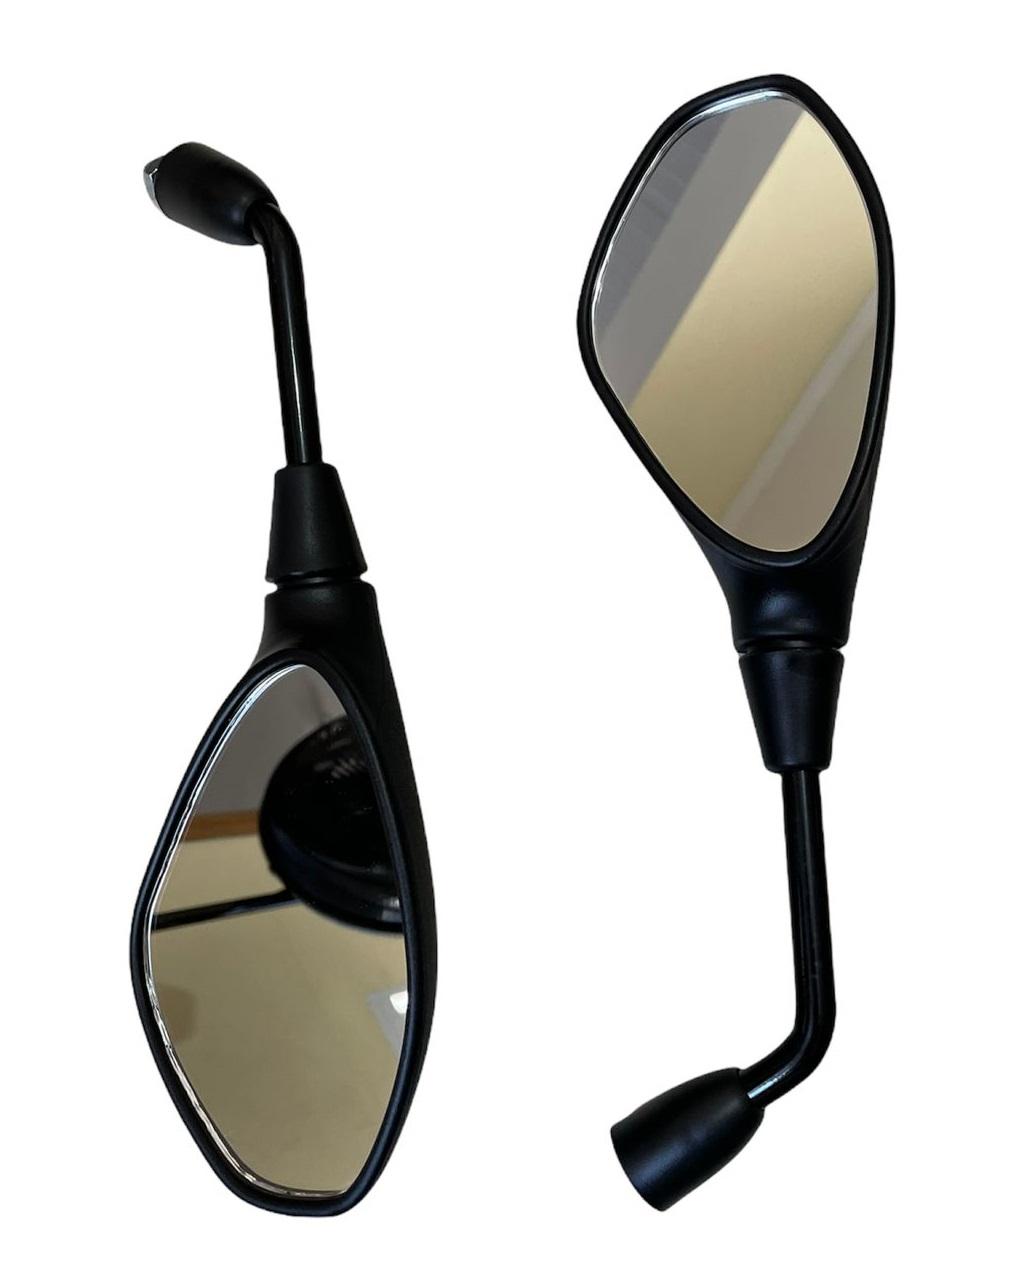 Espelho Retrovisor P/ Moto BMW GS 650 F800 Fixo Preto Padrão Original SLYCK-91274